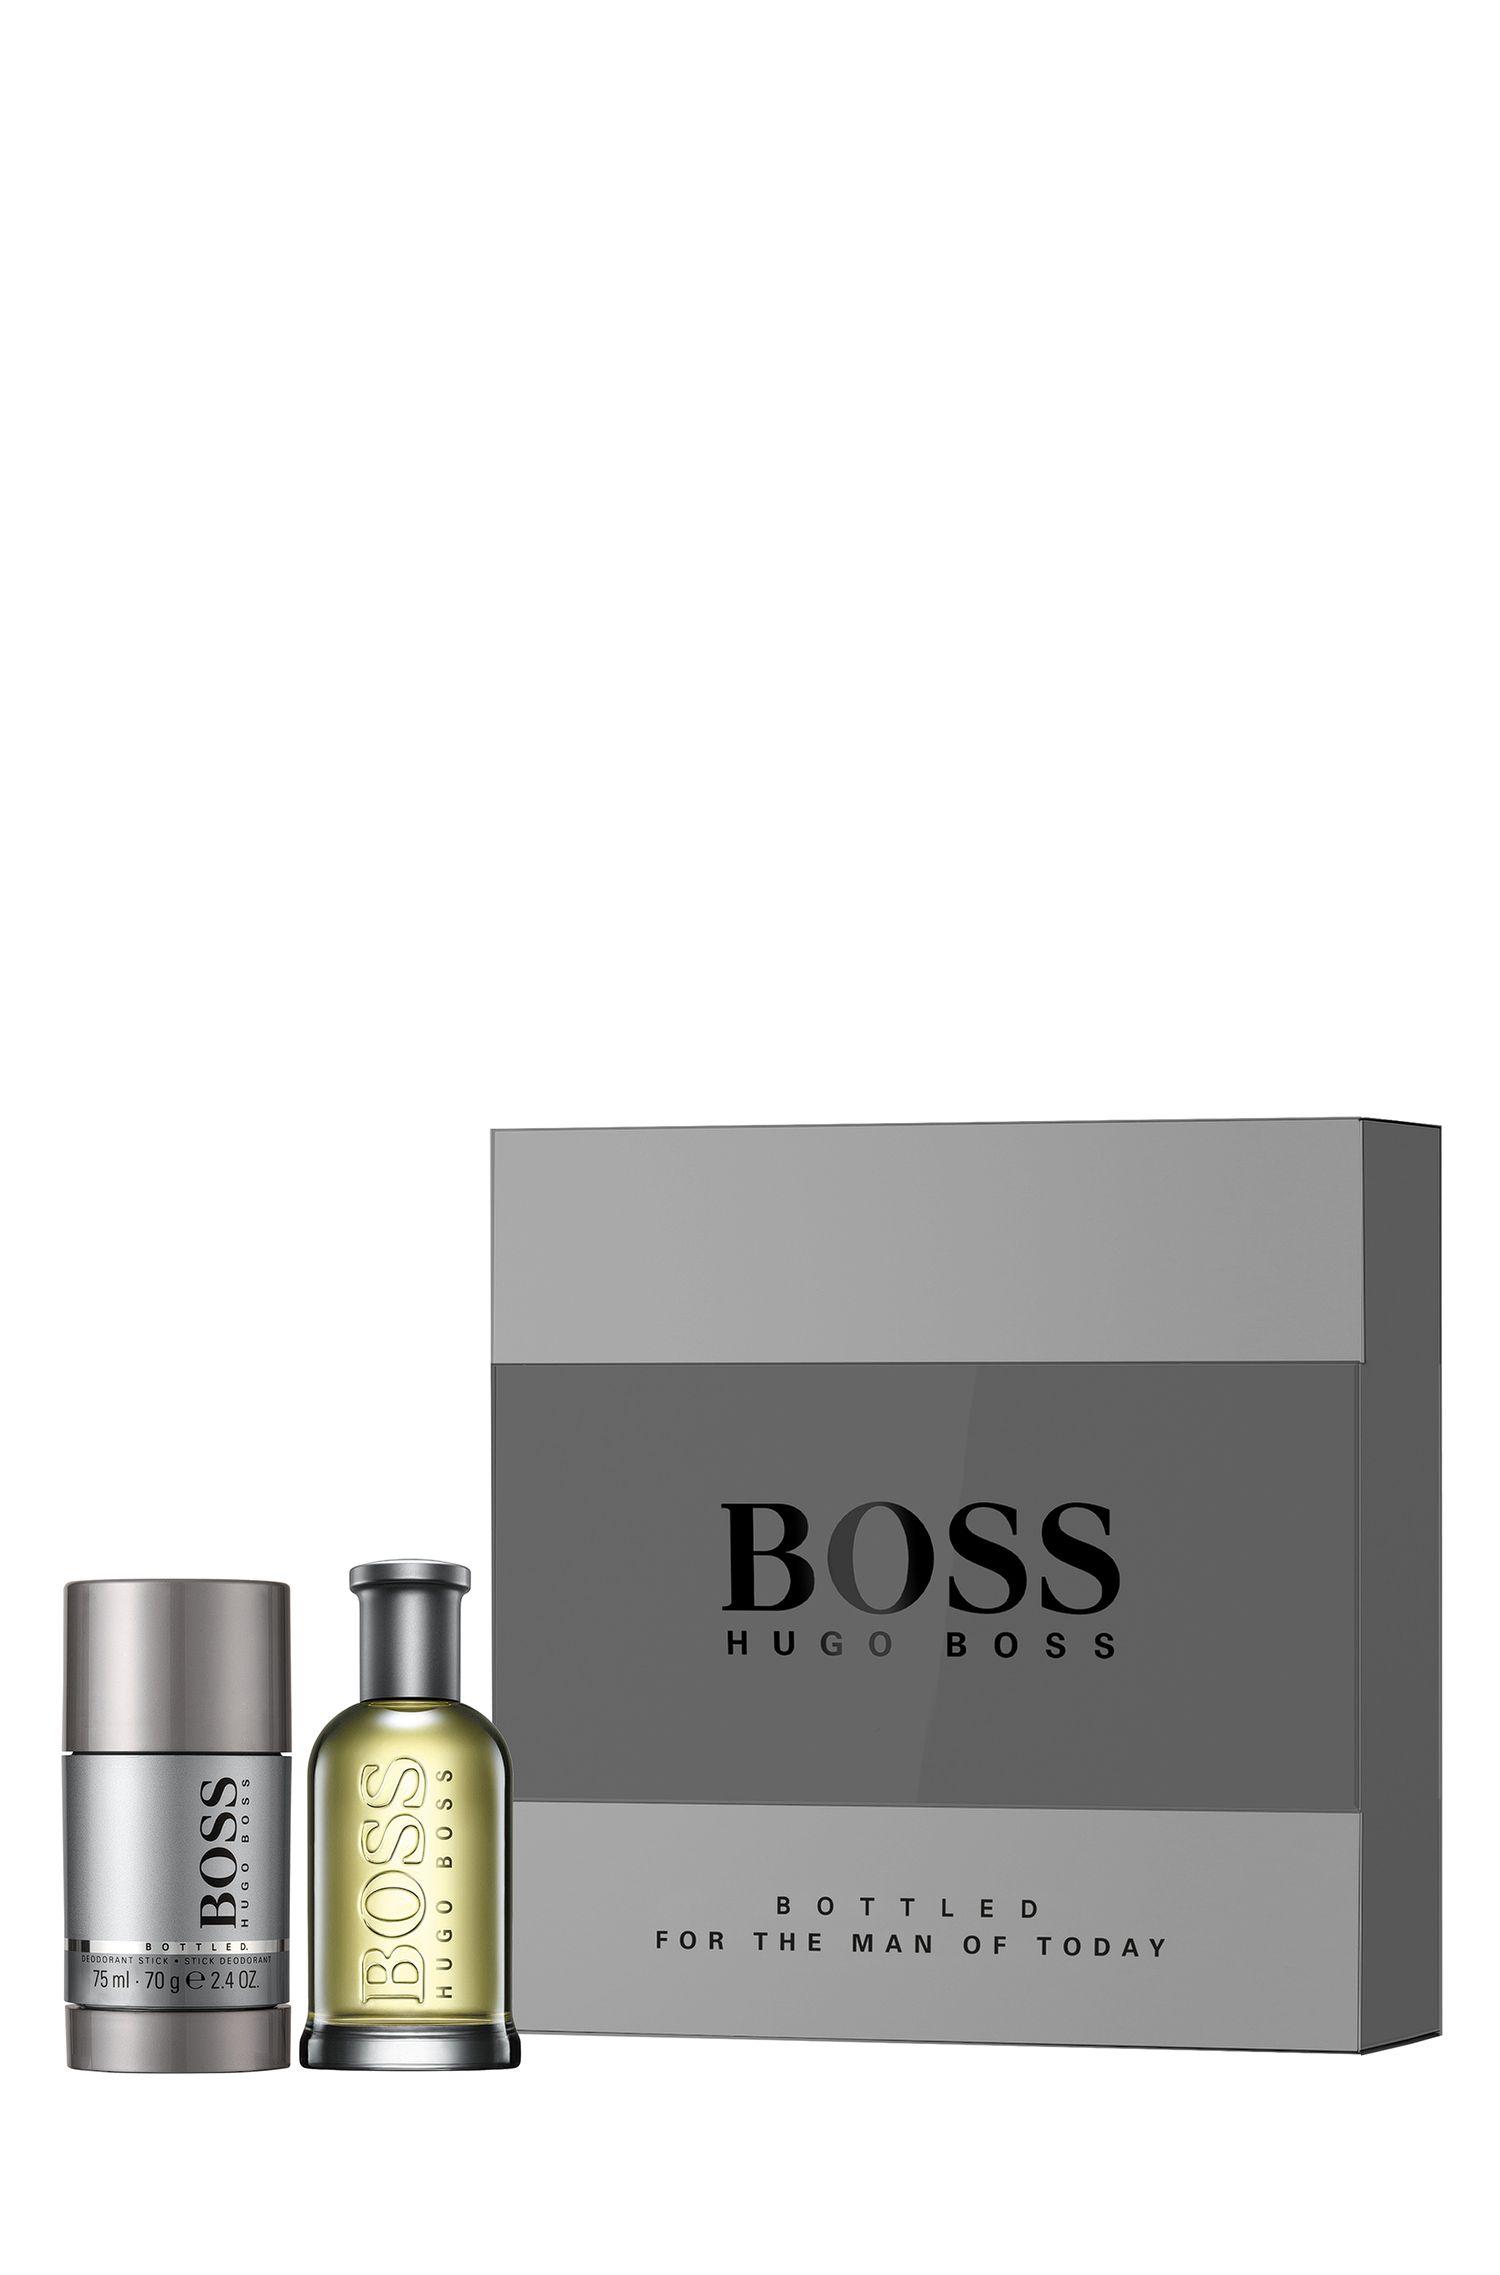 Coffret cadeau 'BOSS Bottled' Eau de toilette (50 ml) et Déodorant stick